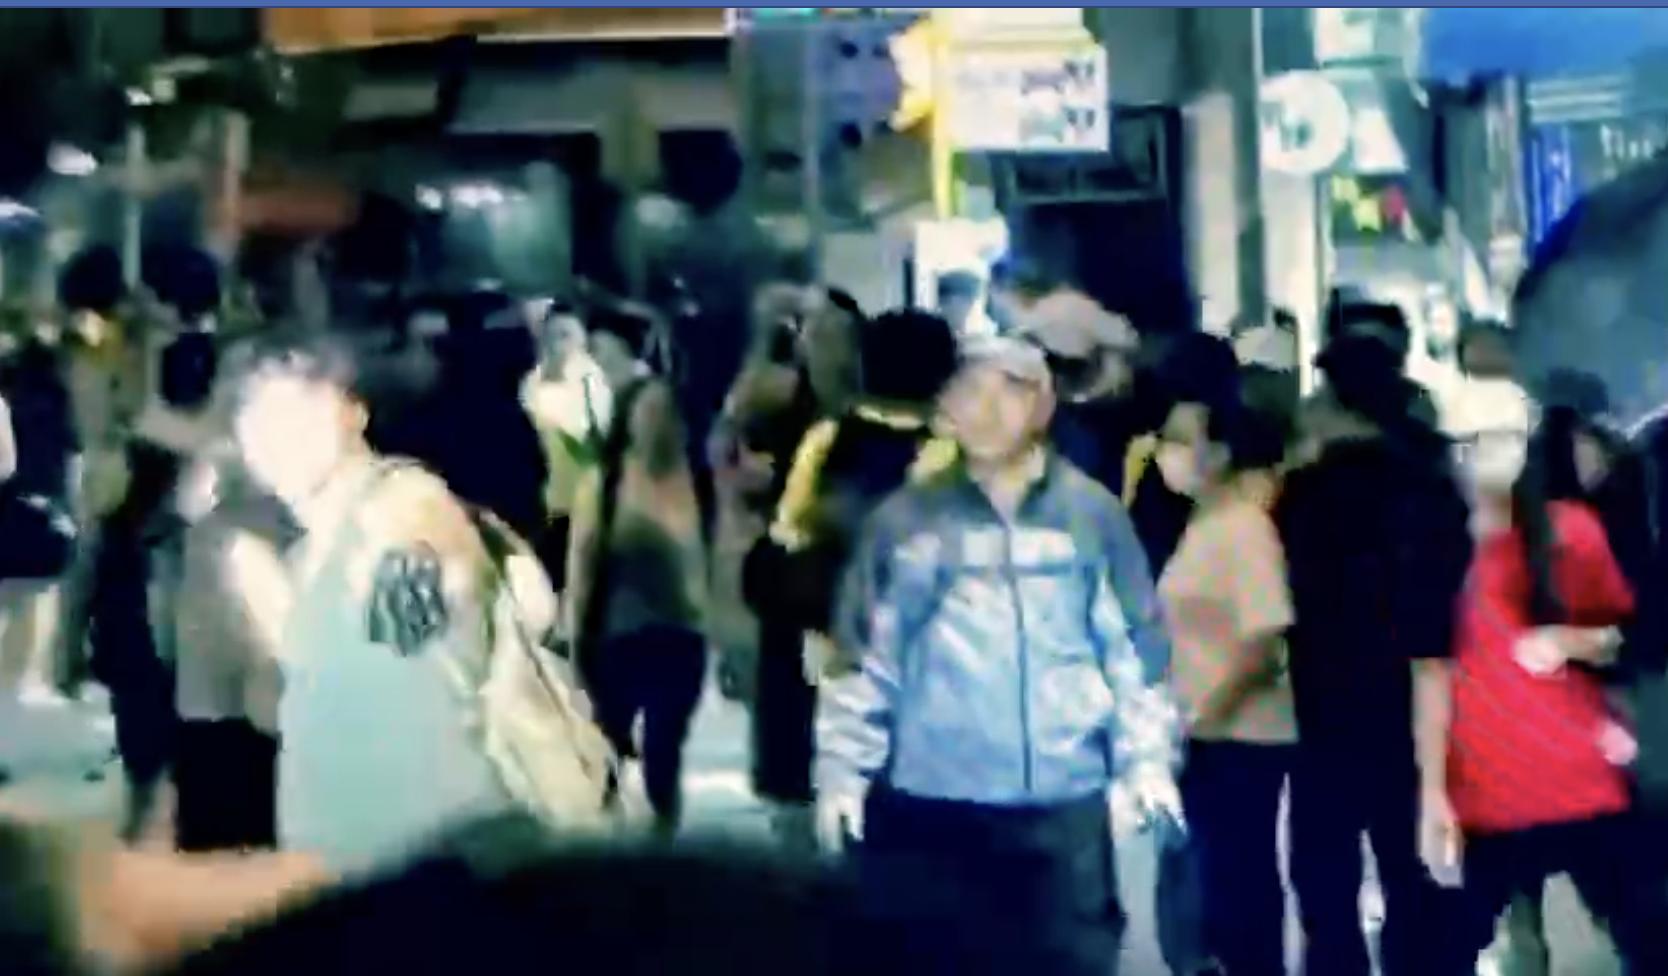 22日有民眾在社交平台發信稱,21日晚在元朗,疑似建制派的人與黑衣人發生衝突,警察選擇性地抓捕黑衣者,引發街坊不滿。(視頻截圖)